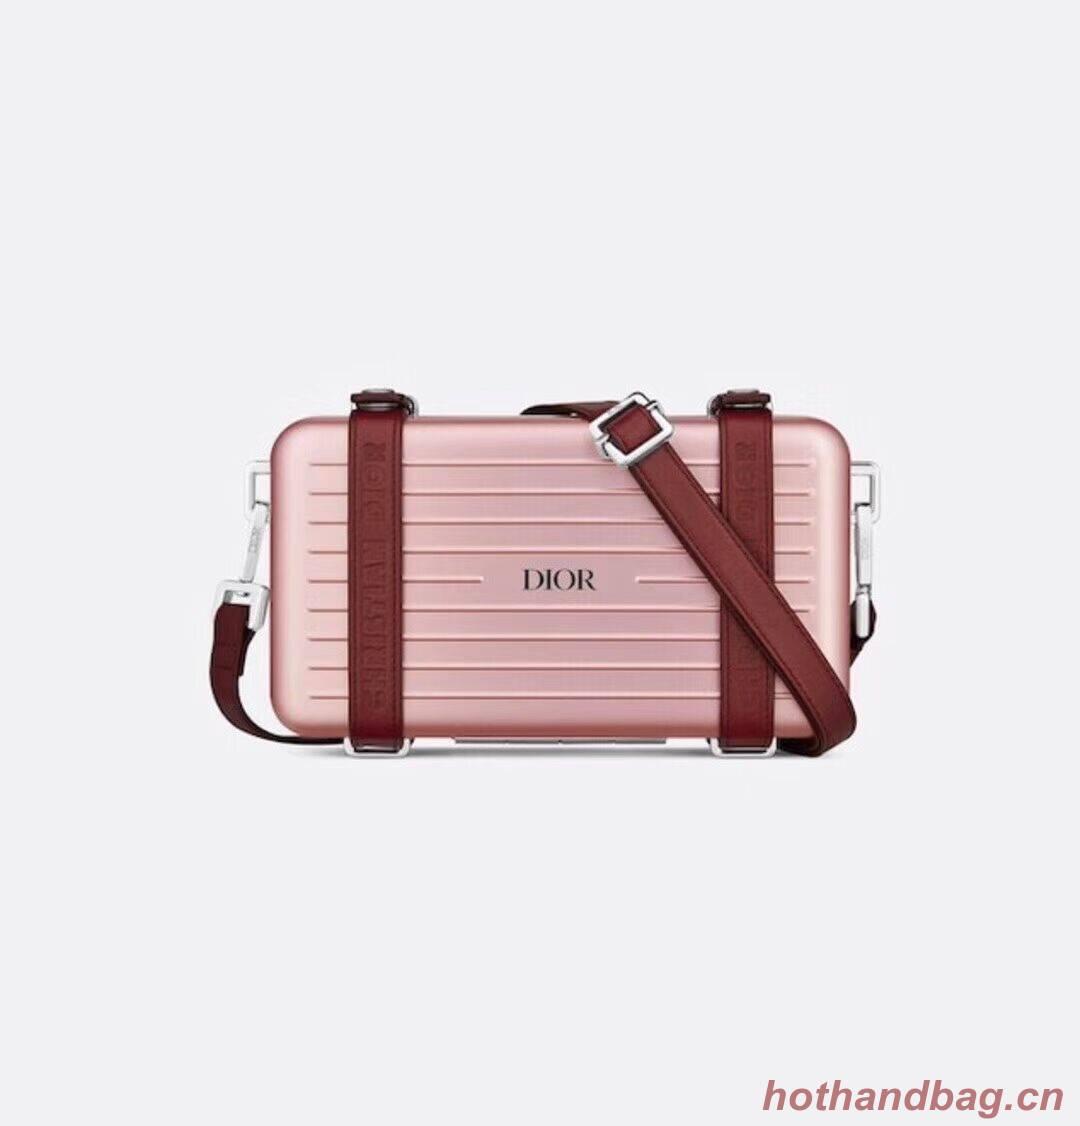 DIORAMA CALFSKIN CLUTCH M2020 pink